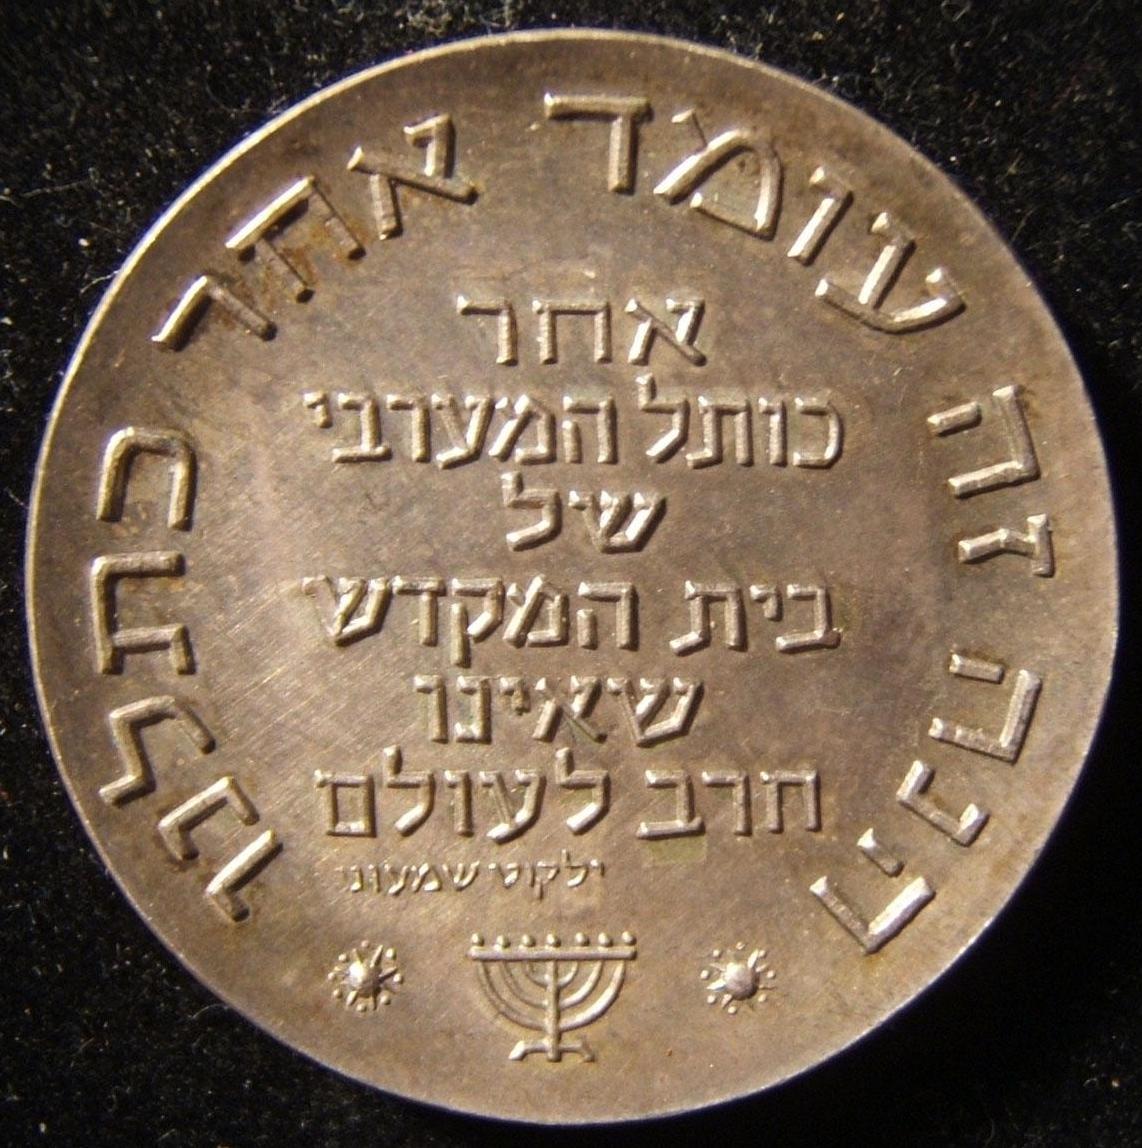 9 א 'באב כסף כסף יודאיקה מדליית קרצ'מר